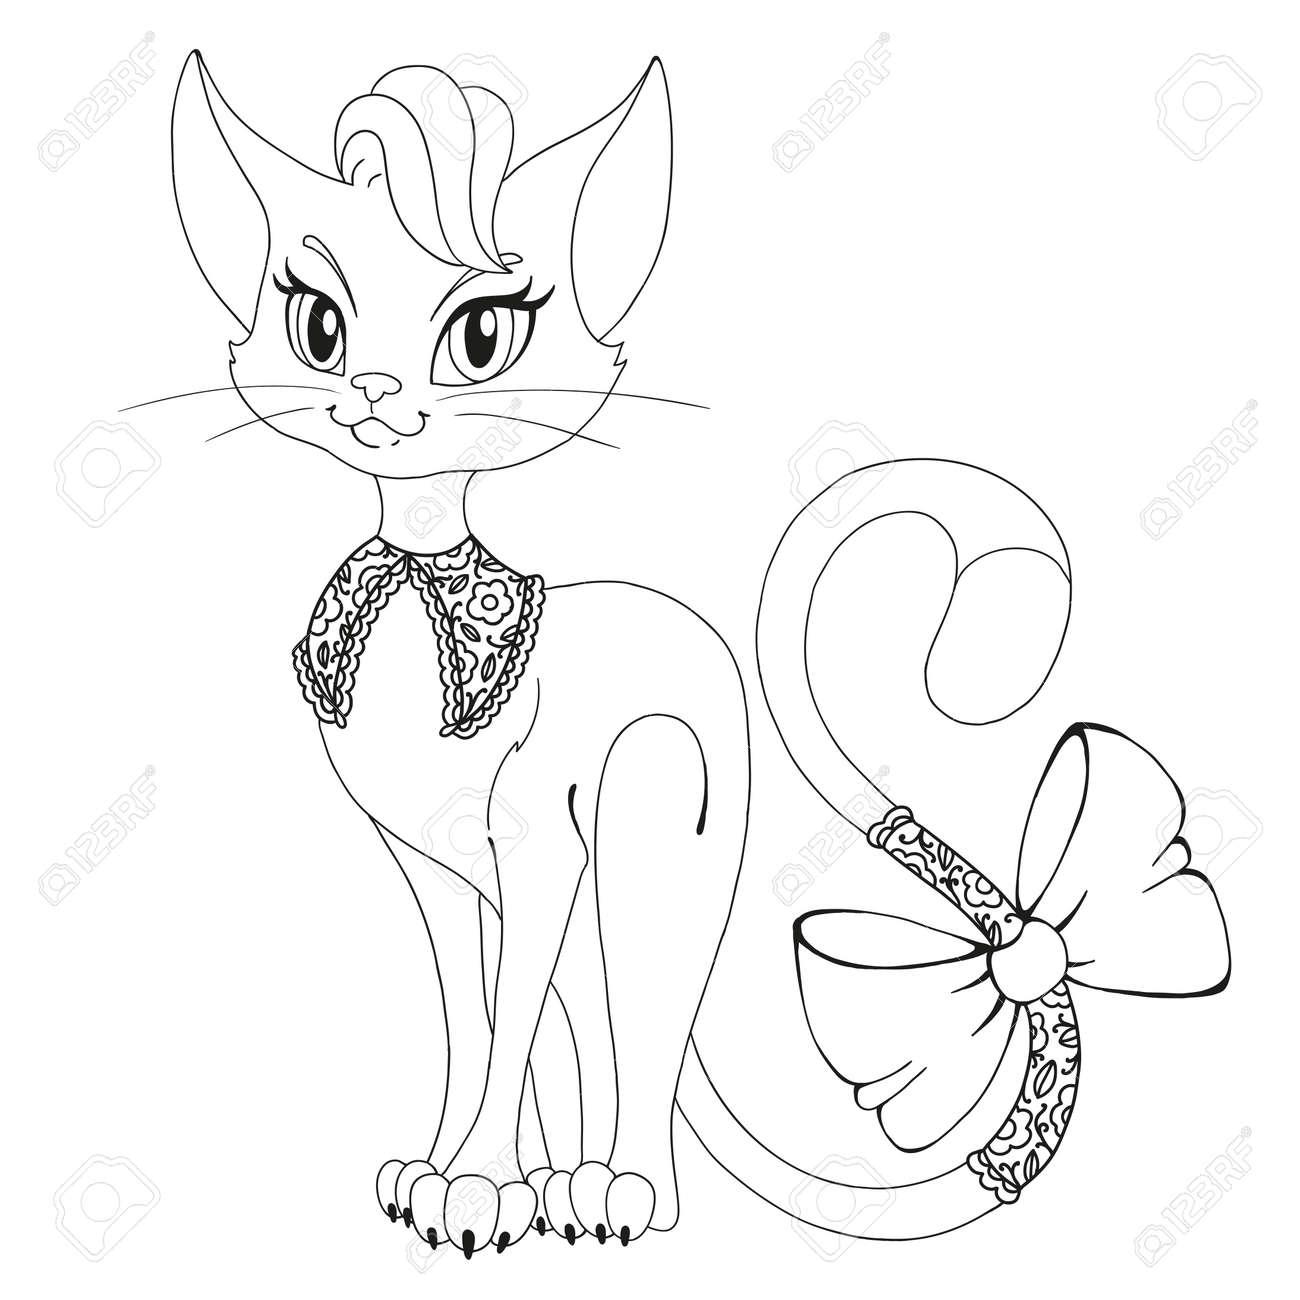 Malbuchseite. Eine Schöne Katze. Katze Mit Einem Bogen ...